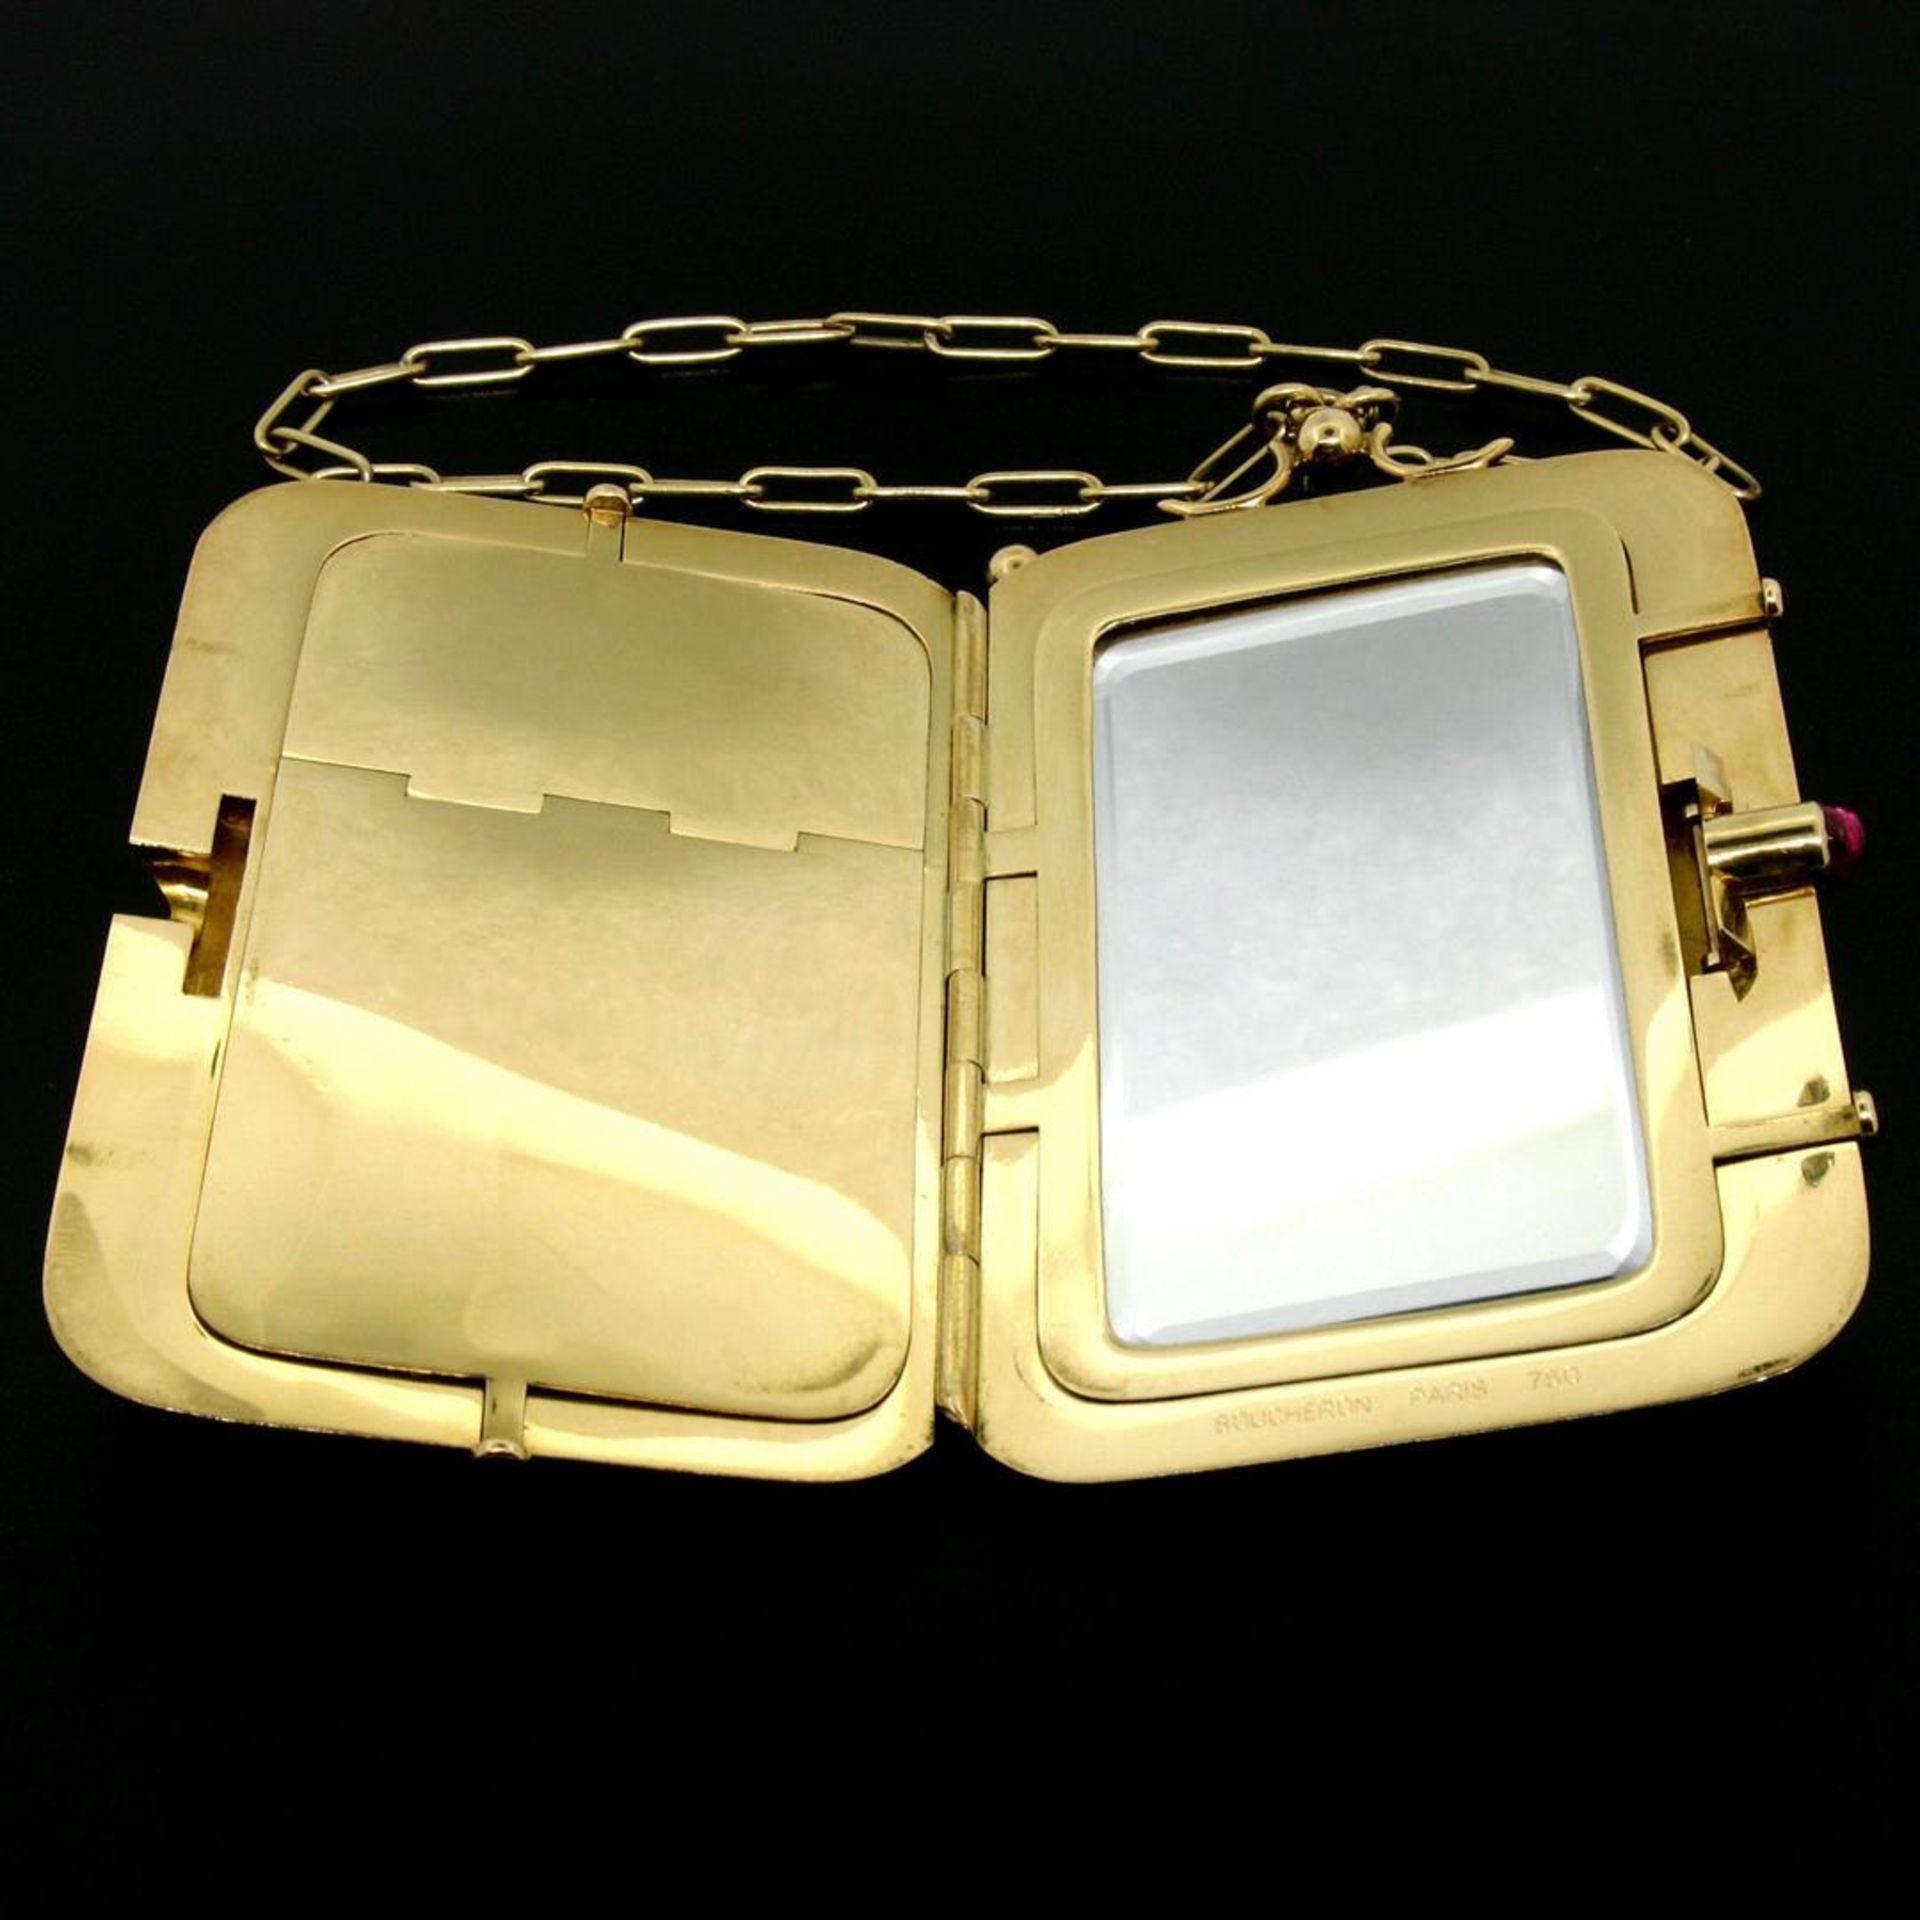 Vintage BOUCHERON Paris 18k Tri Color Gold Ruby Compact Powder Case - Image 5 of 9